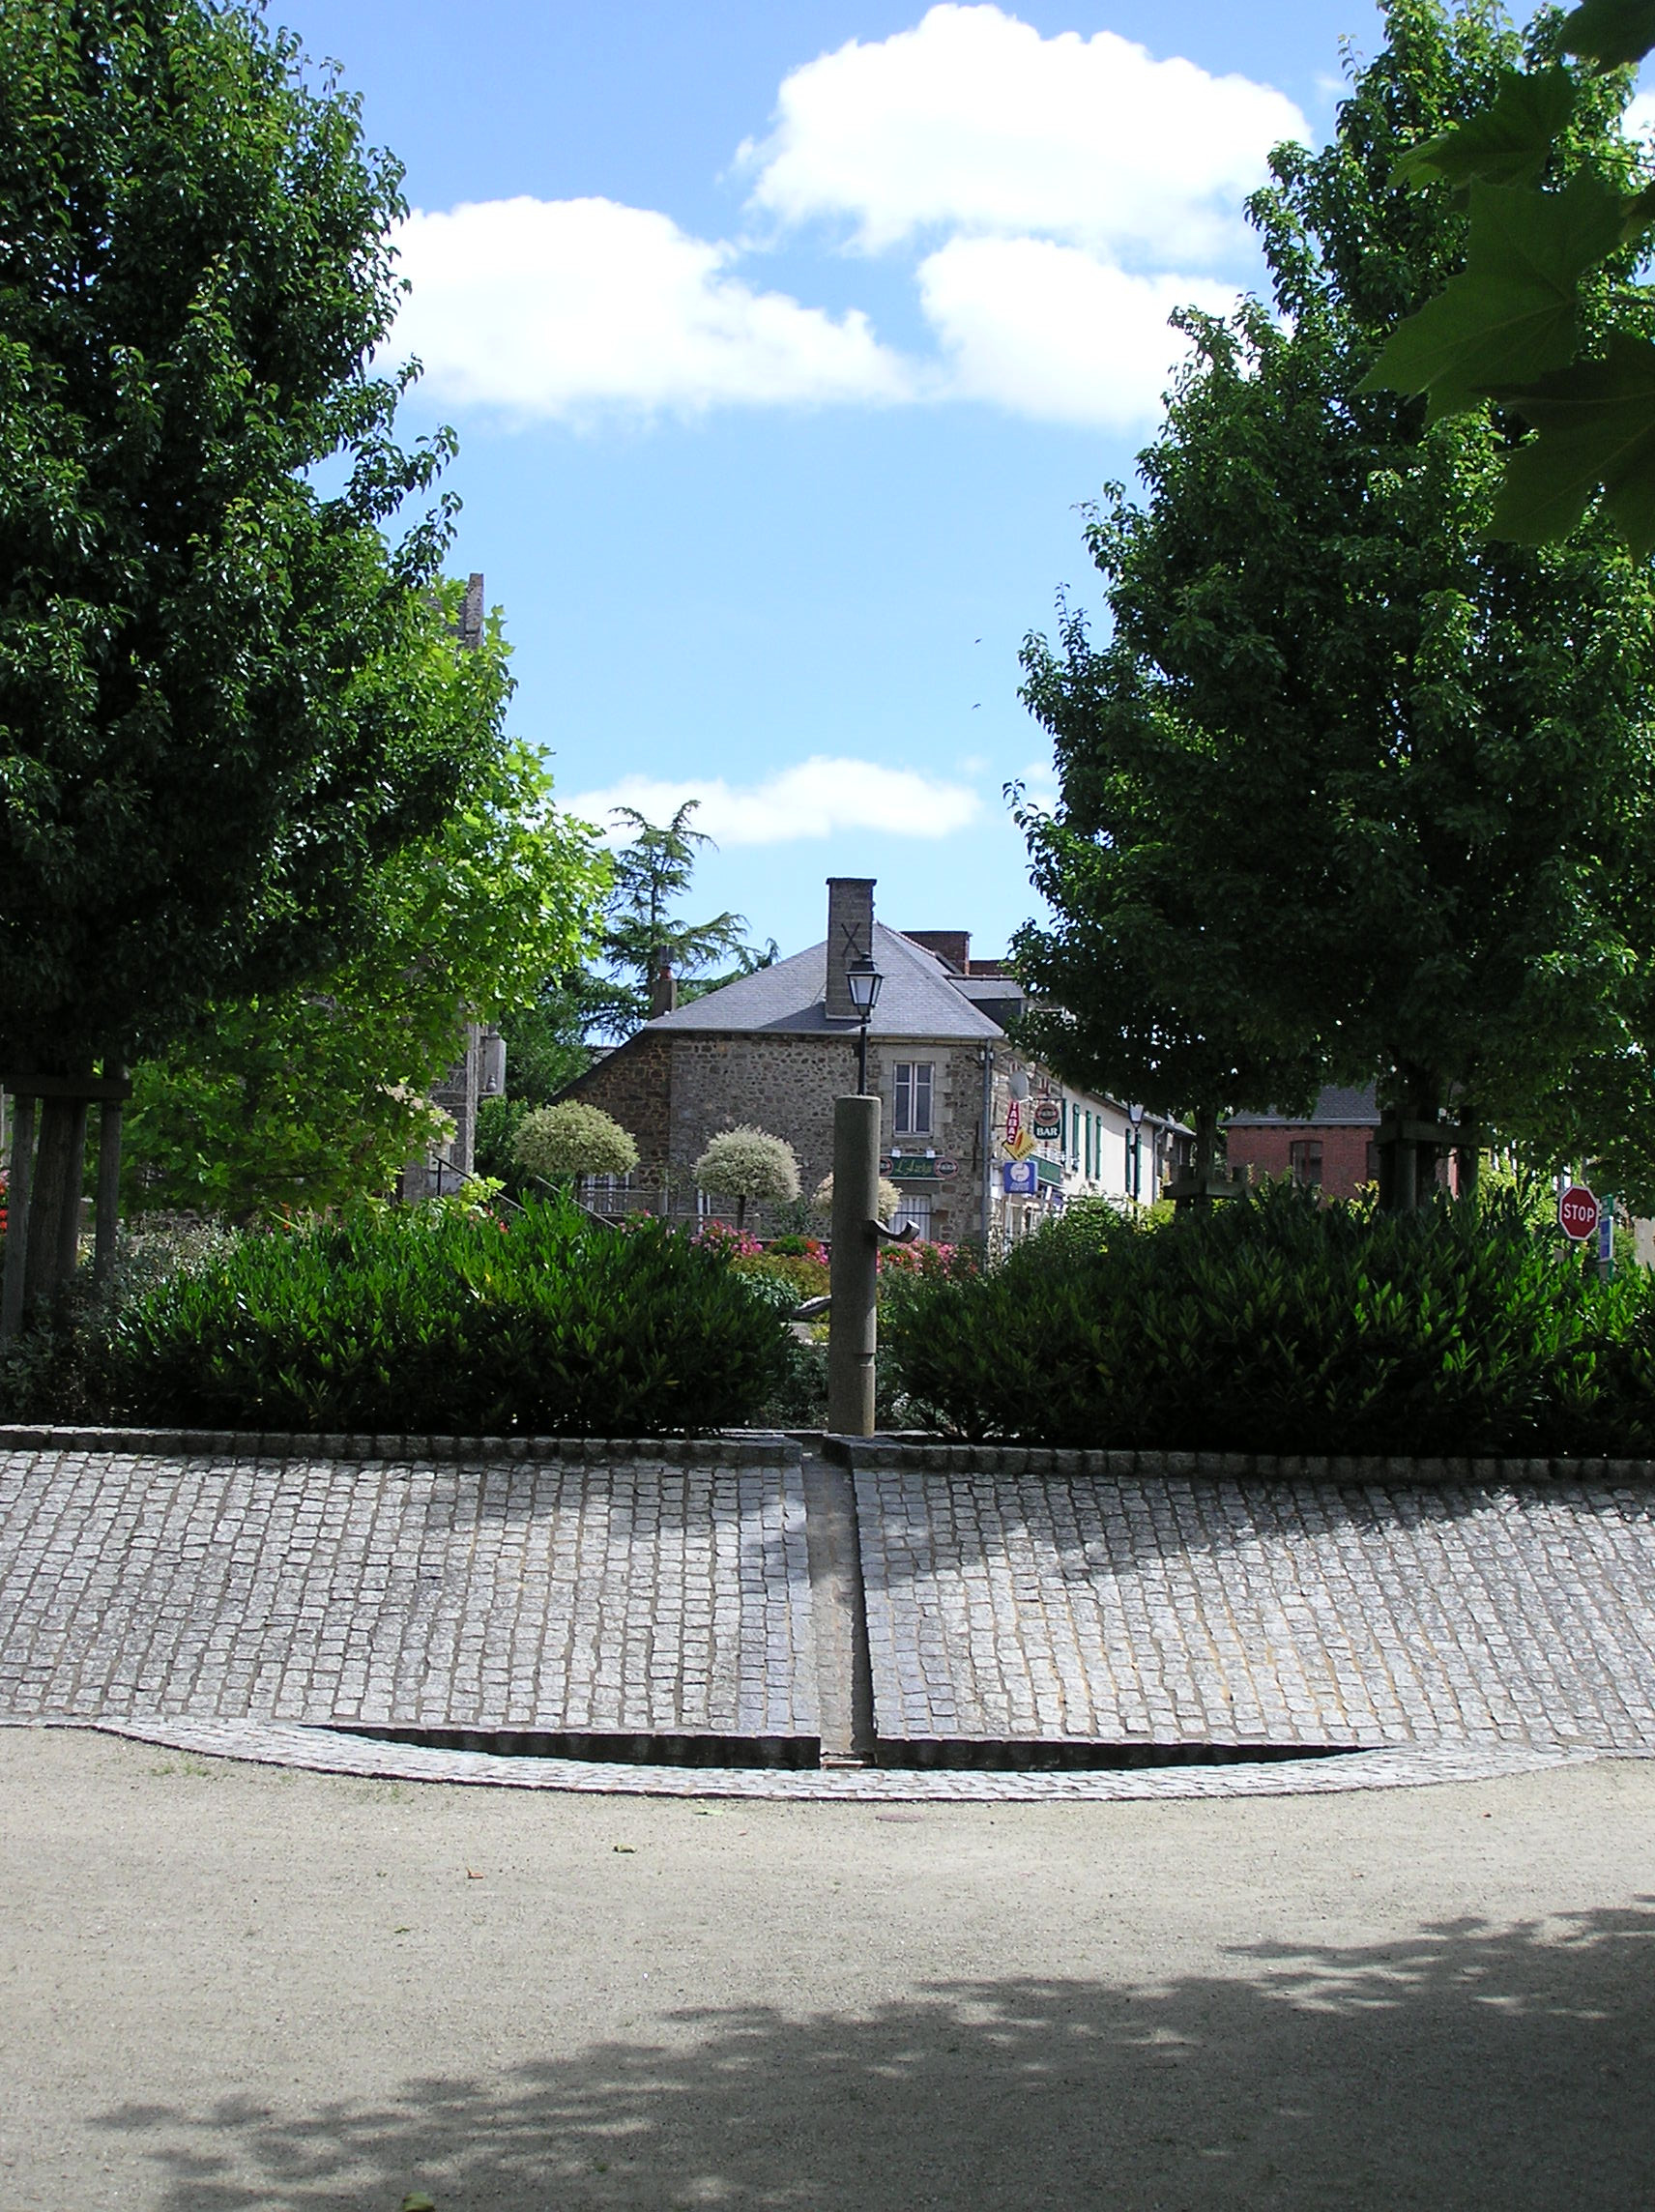 PAUL BOUET ARCHITECTE - AMENAGEMENT URBAIN ET PAYSAGE - ST PERN